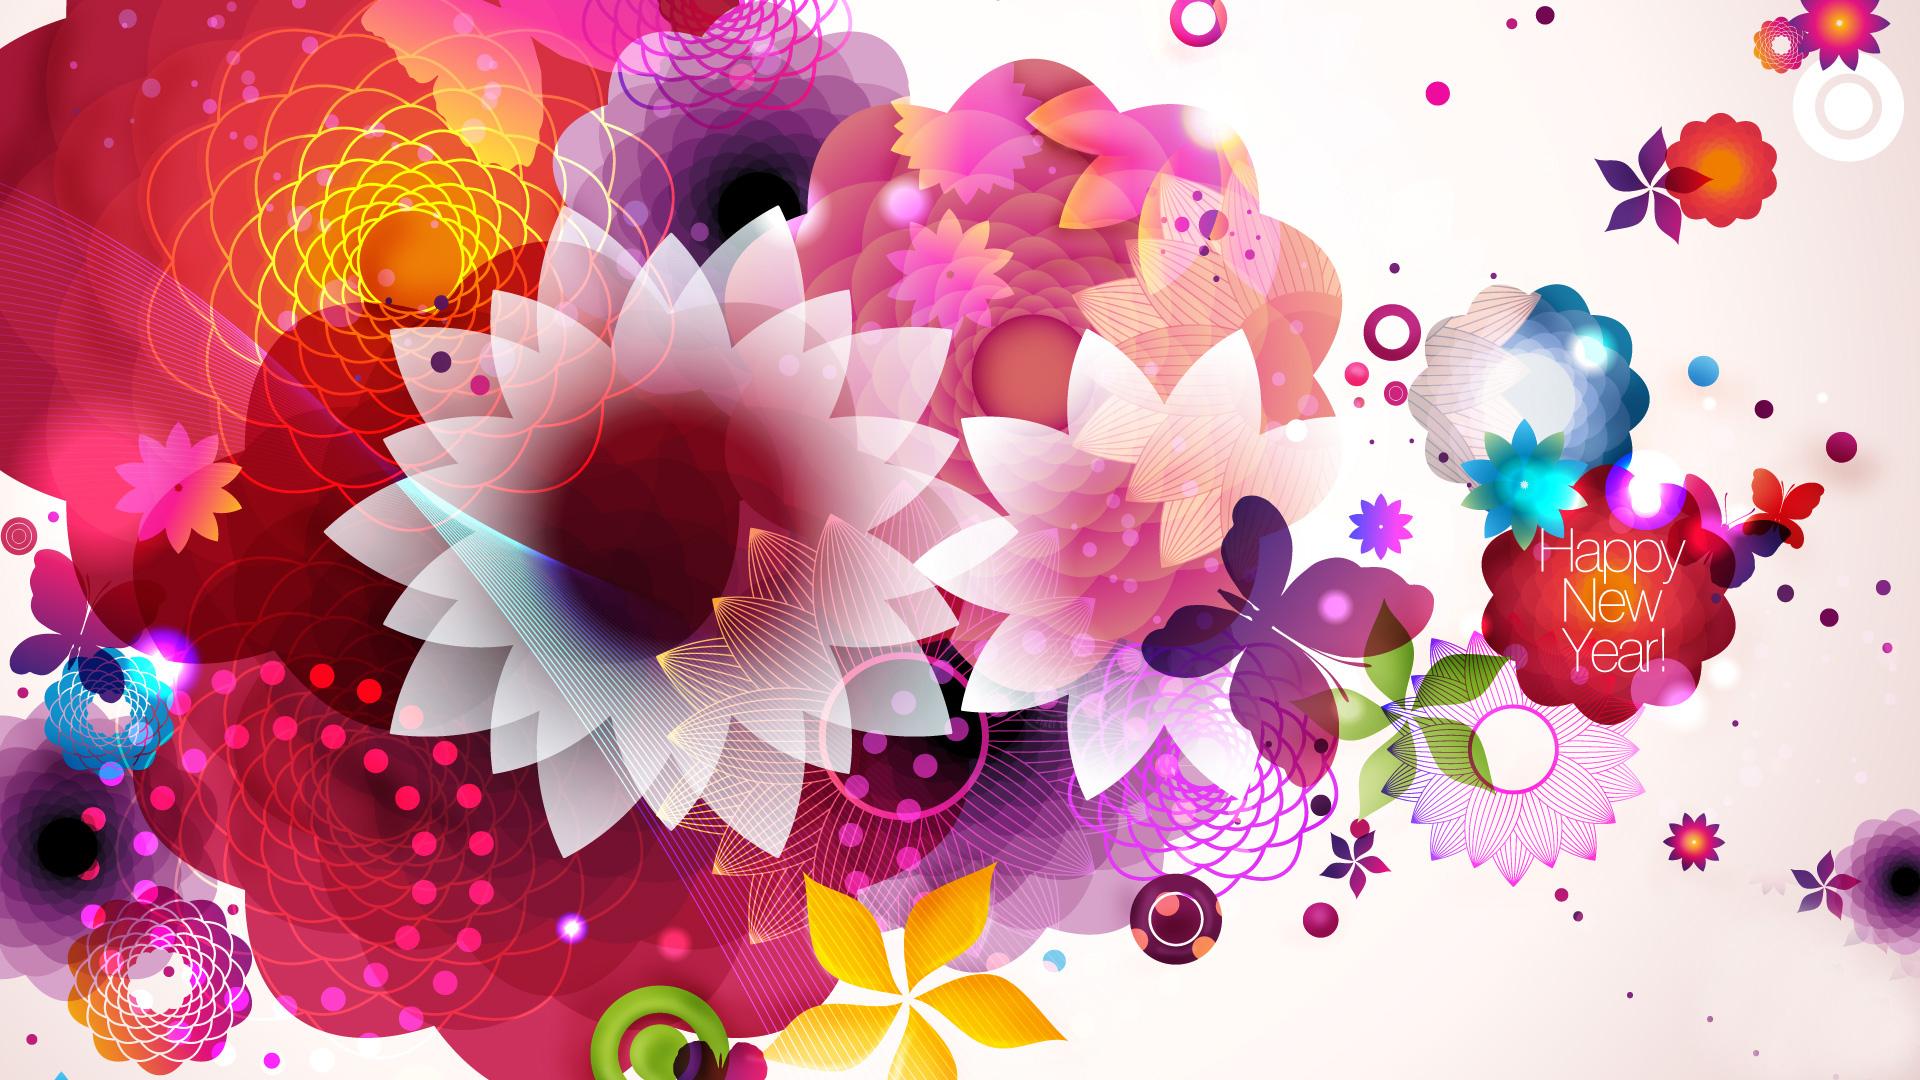 New Year Desktop Wallpaper   Wallpaper High Definition High Quality 1920x1080